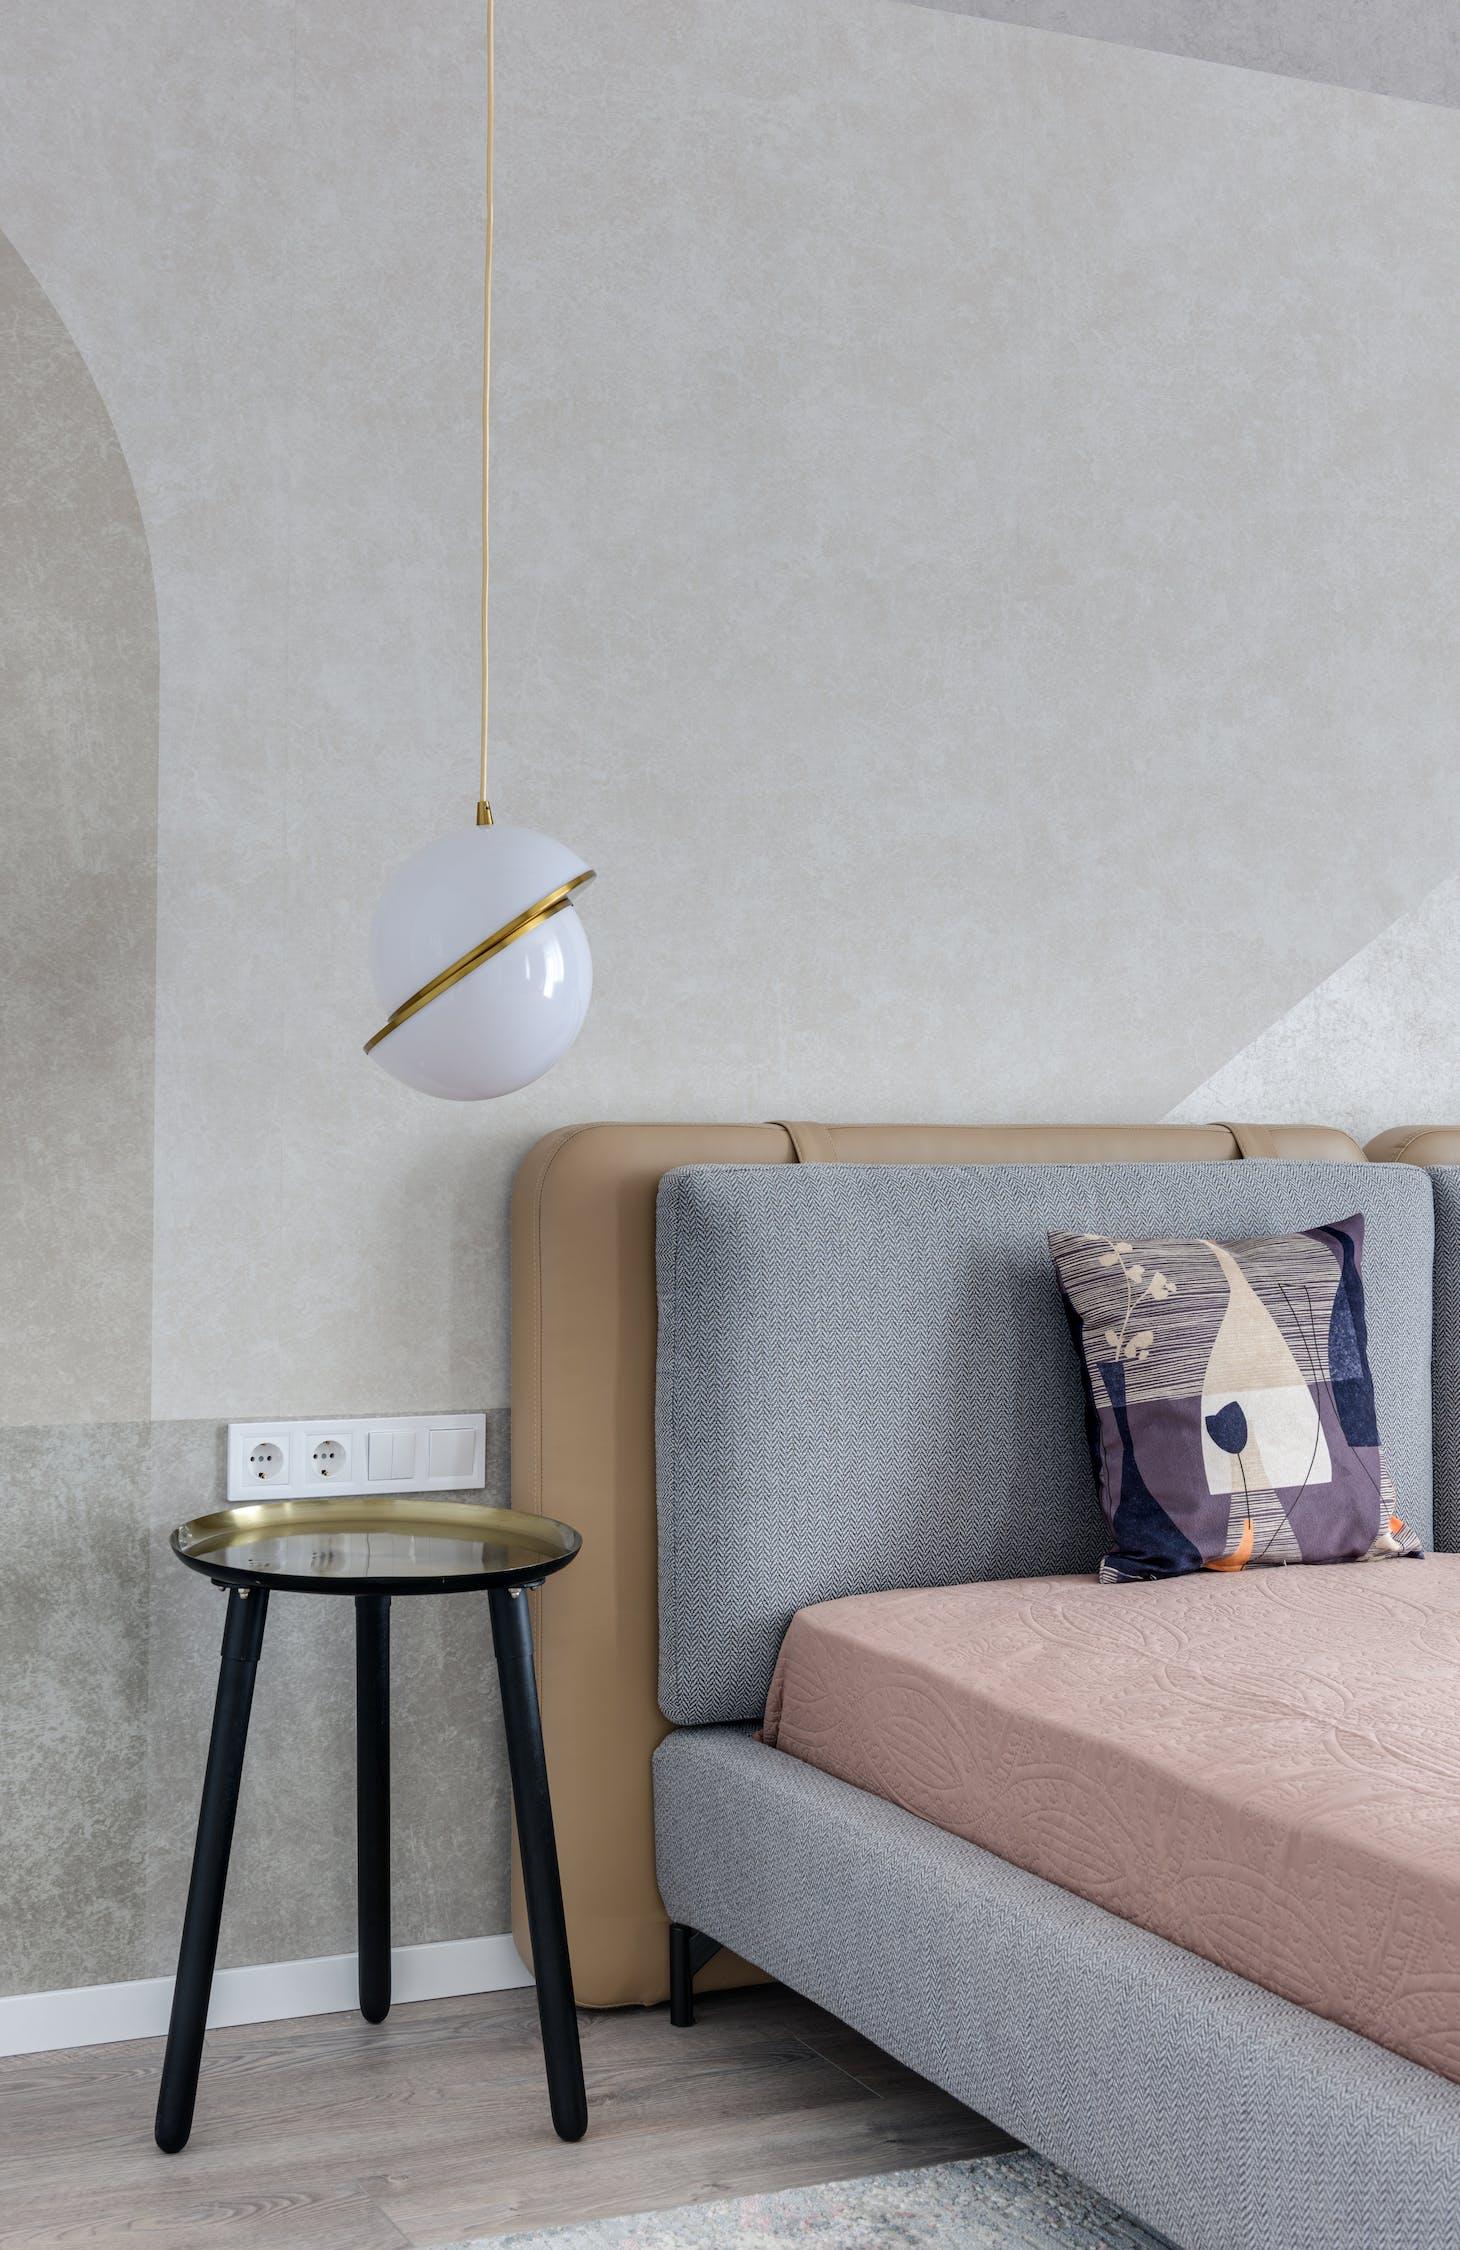 ca bed bugs live in memory foam mattresses